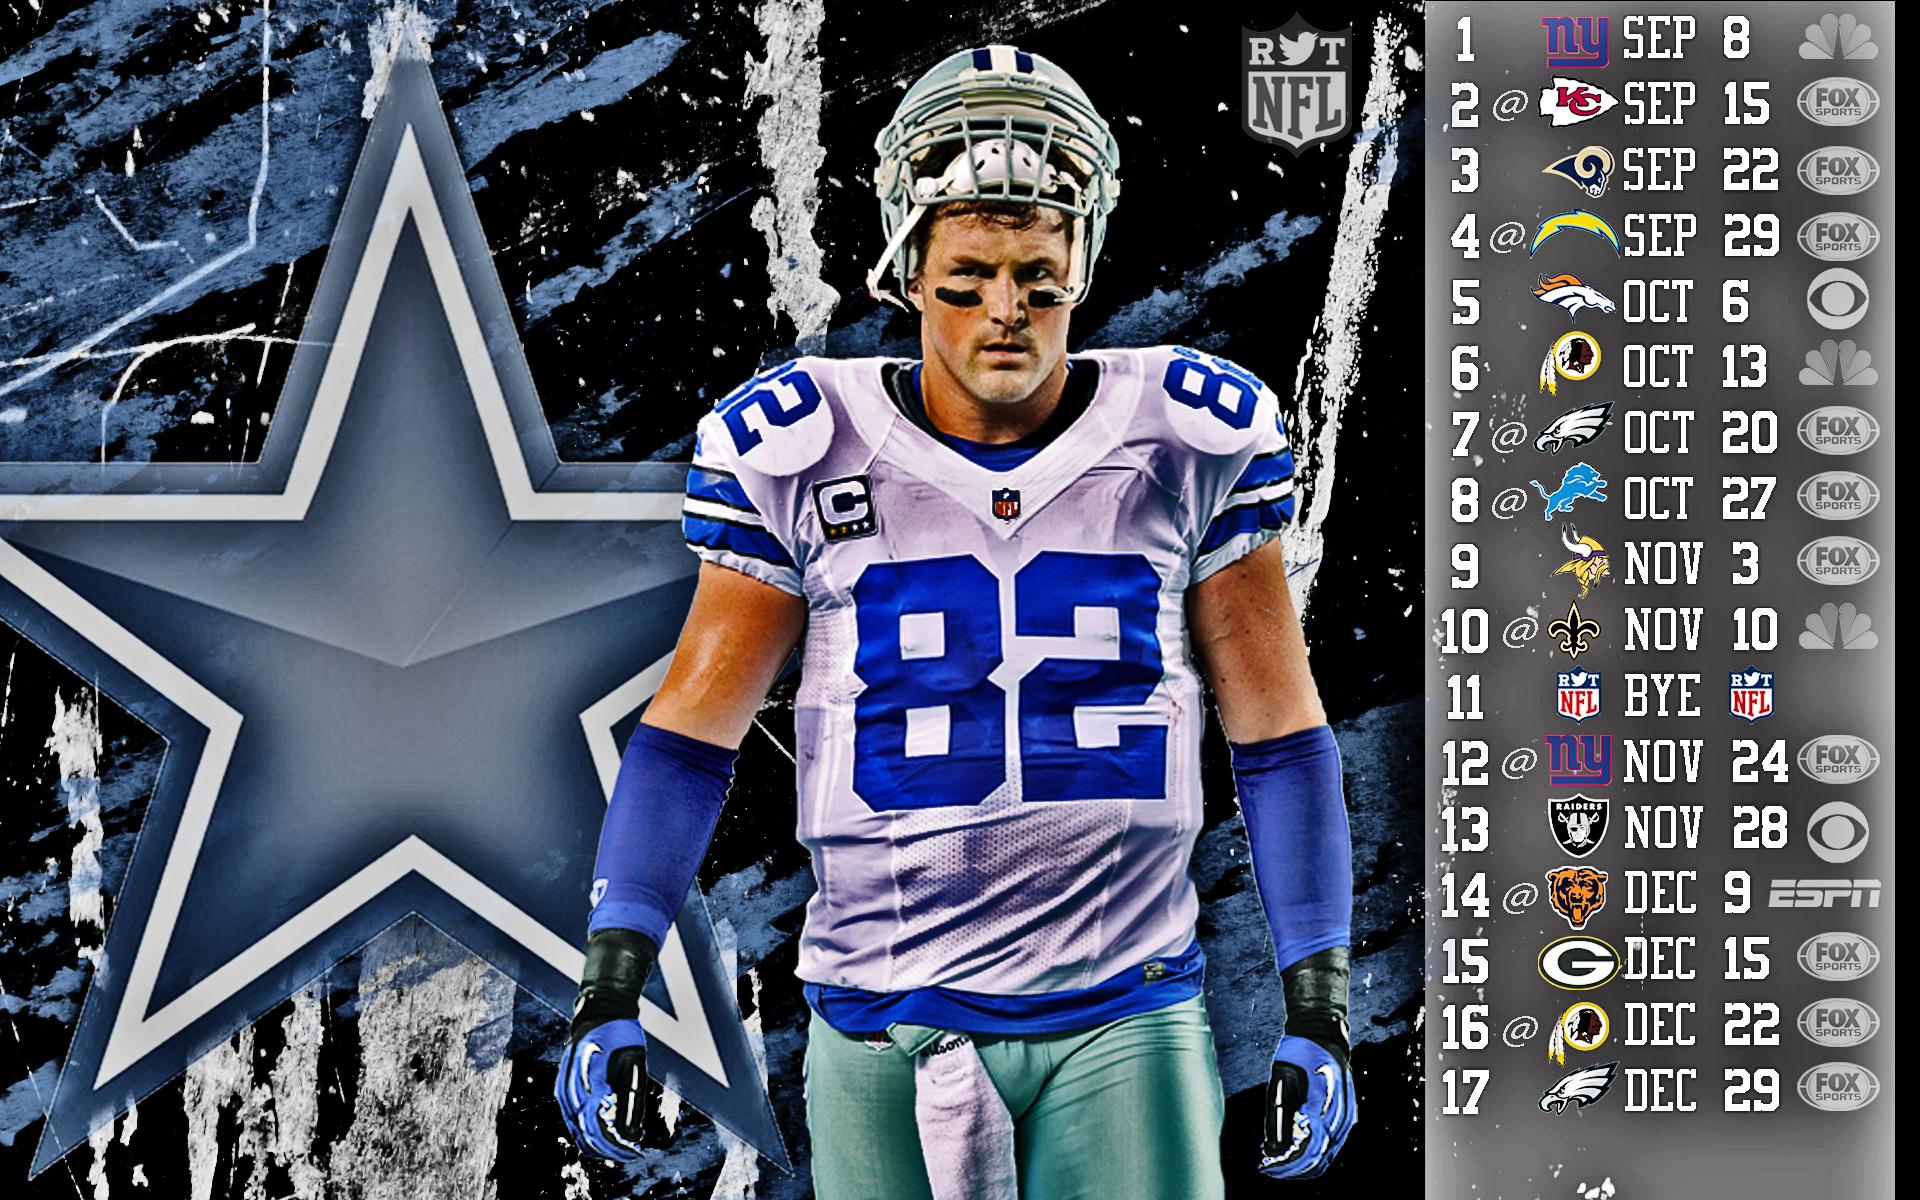 Jason Witten Dallas Cowboys Wallpaper by NathanHankinson on DeviantArt